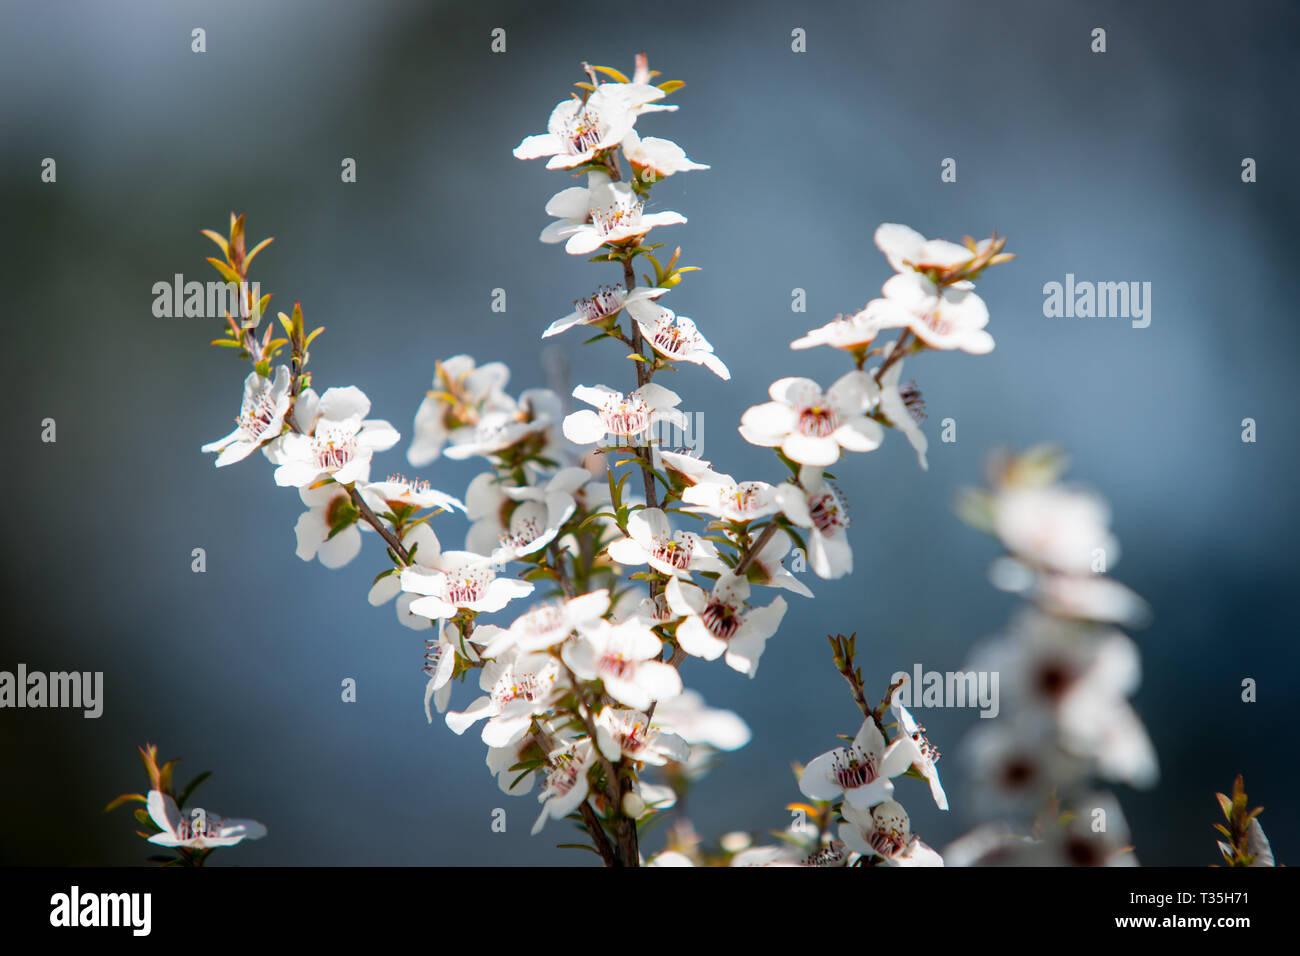 Blühende Pflanze in die myrte Familie Neuseeland manuka in voller und produktivsten saisonale Frühling blühen. Stockbild